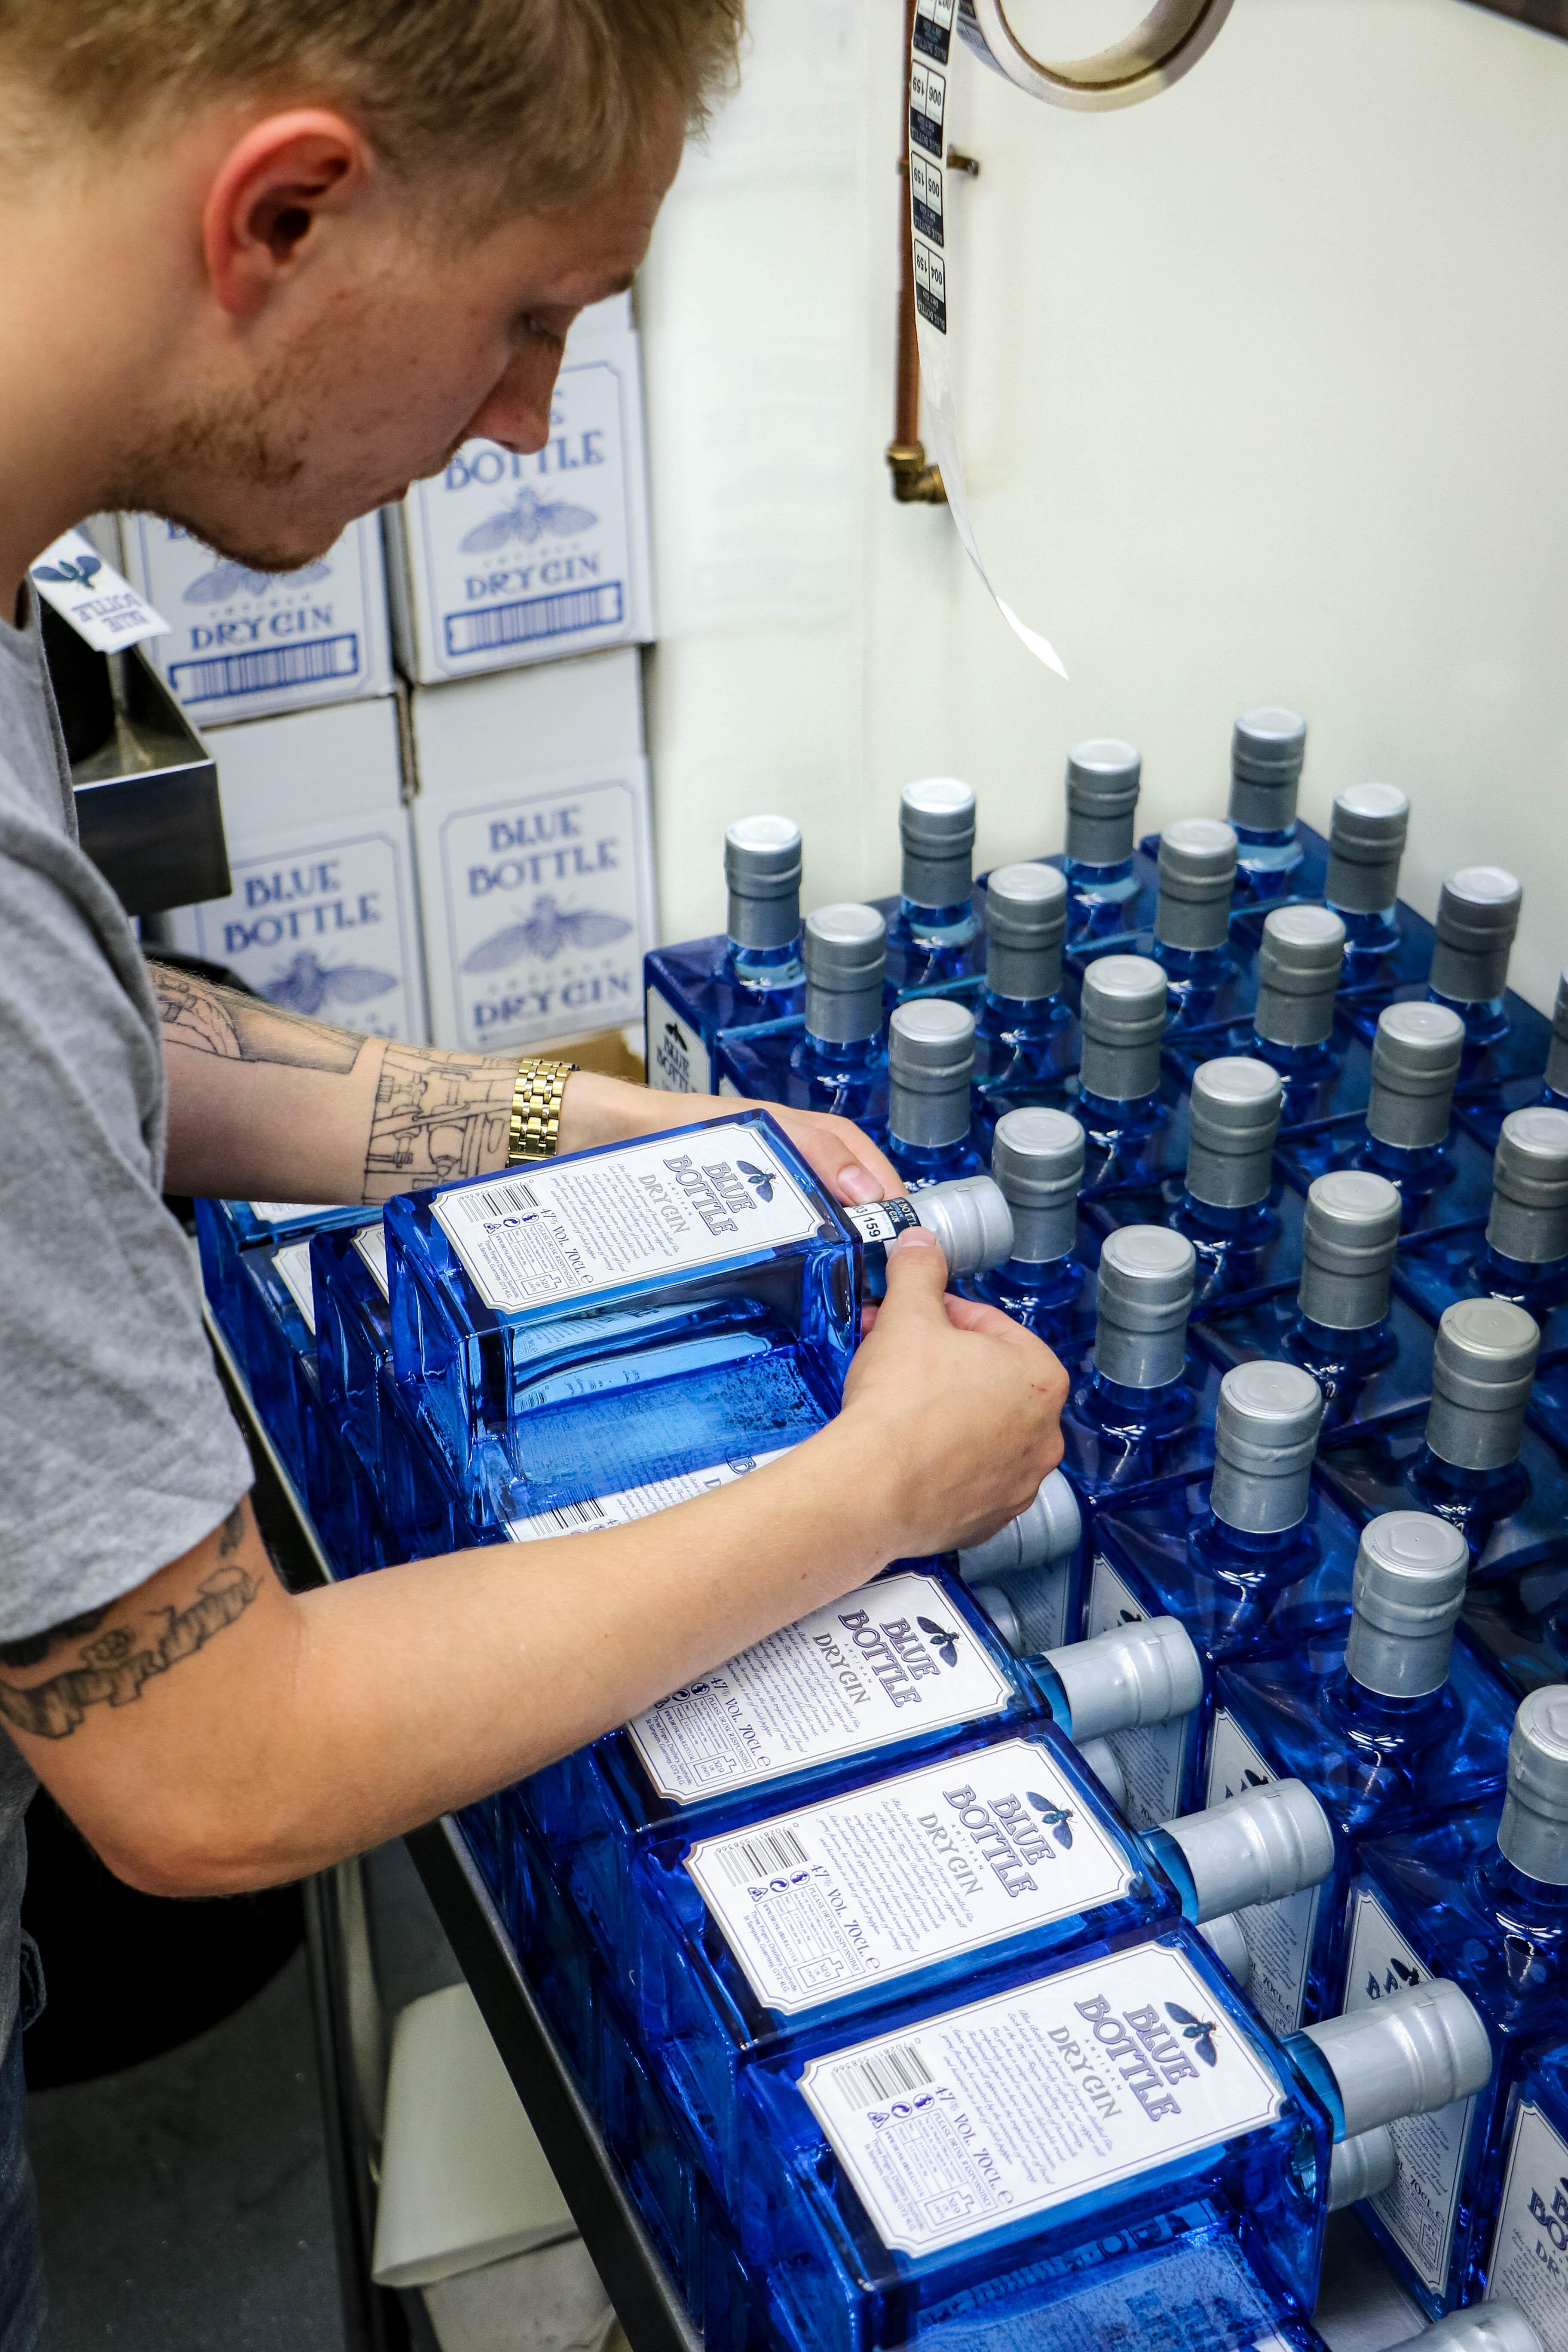 Blue Bottle Gin sticker team